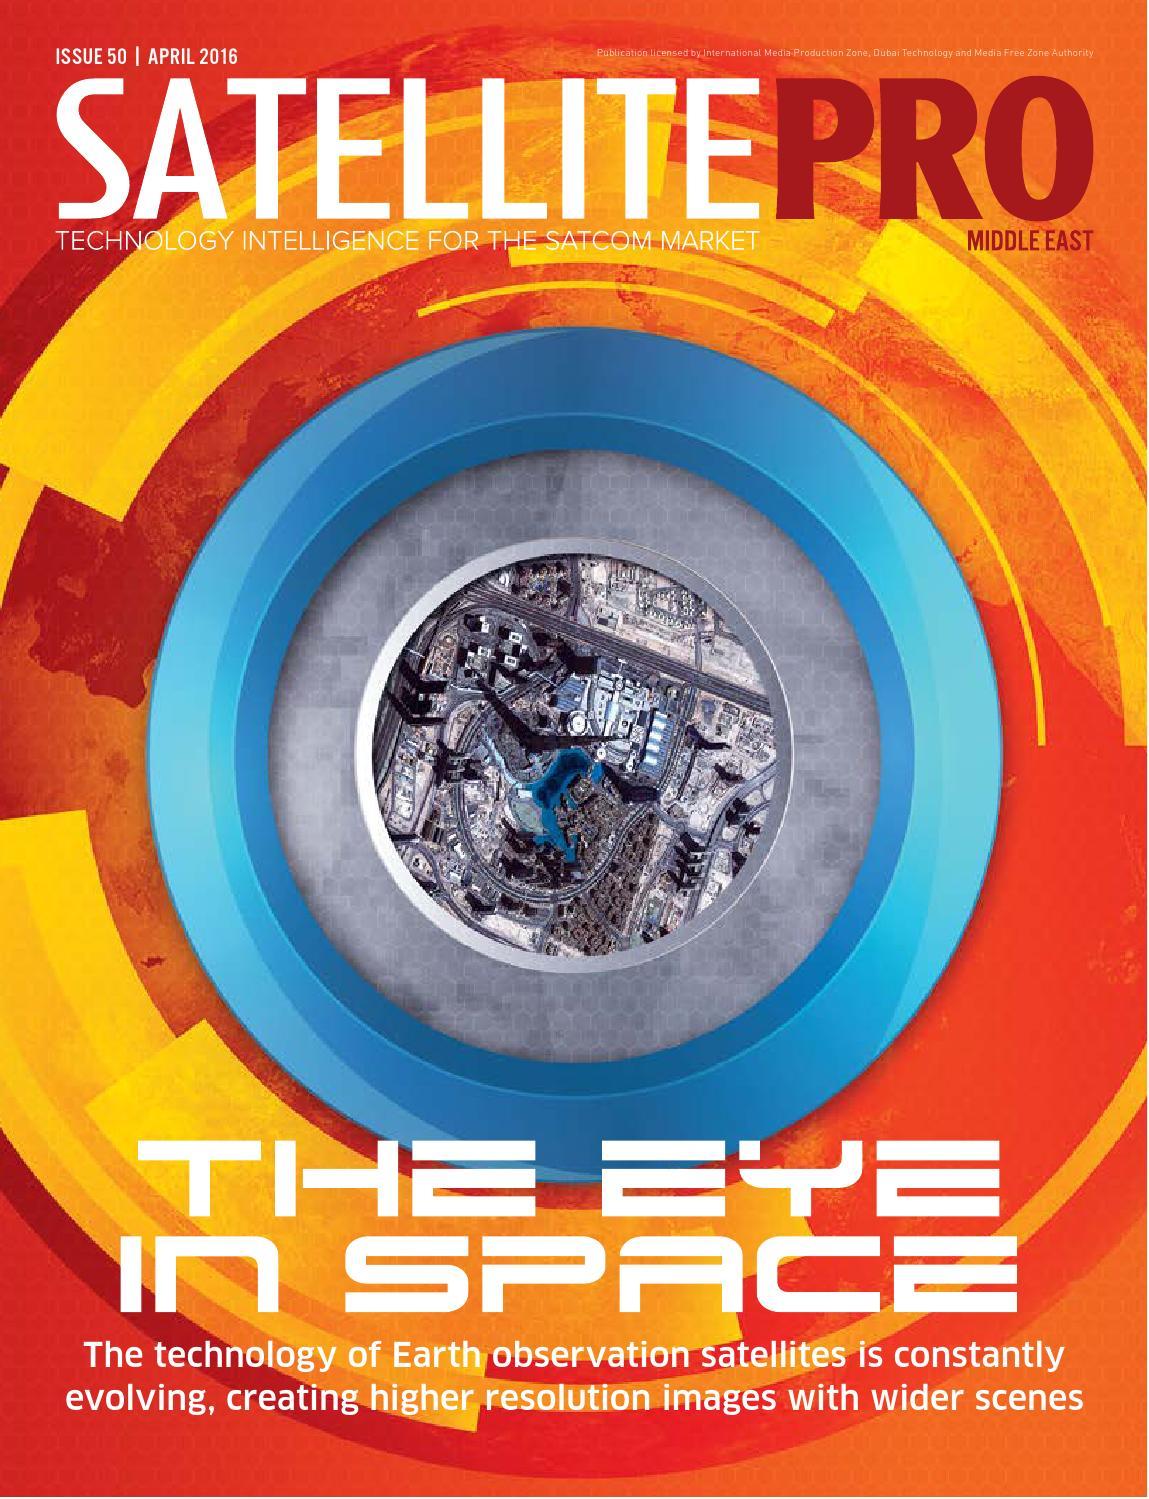 SatellitePro ME April 2016 by SatellitePro ME - issuu